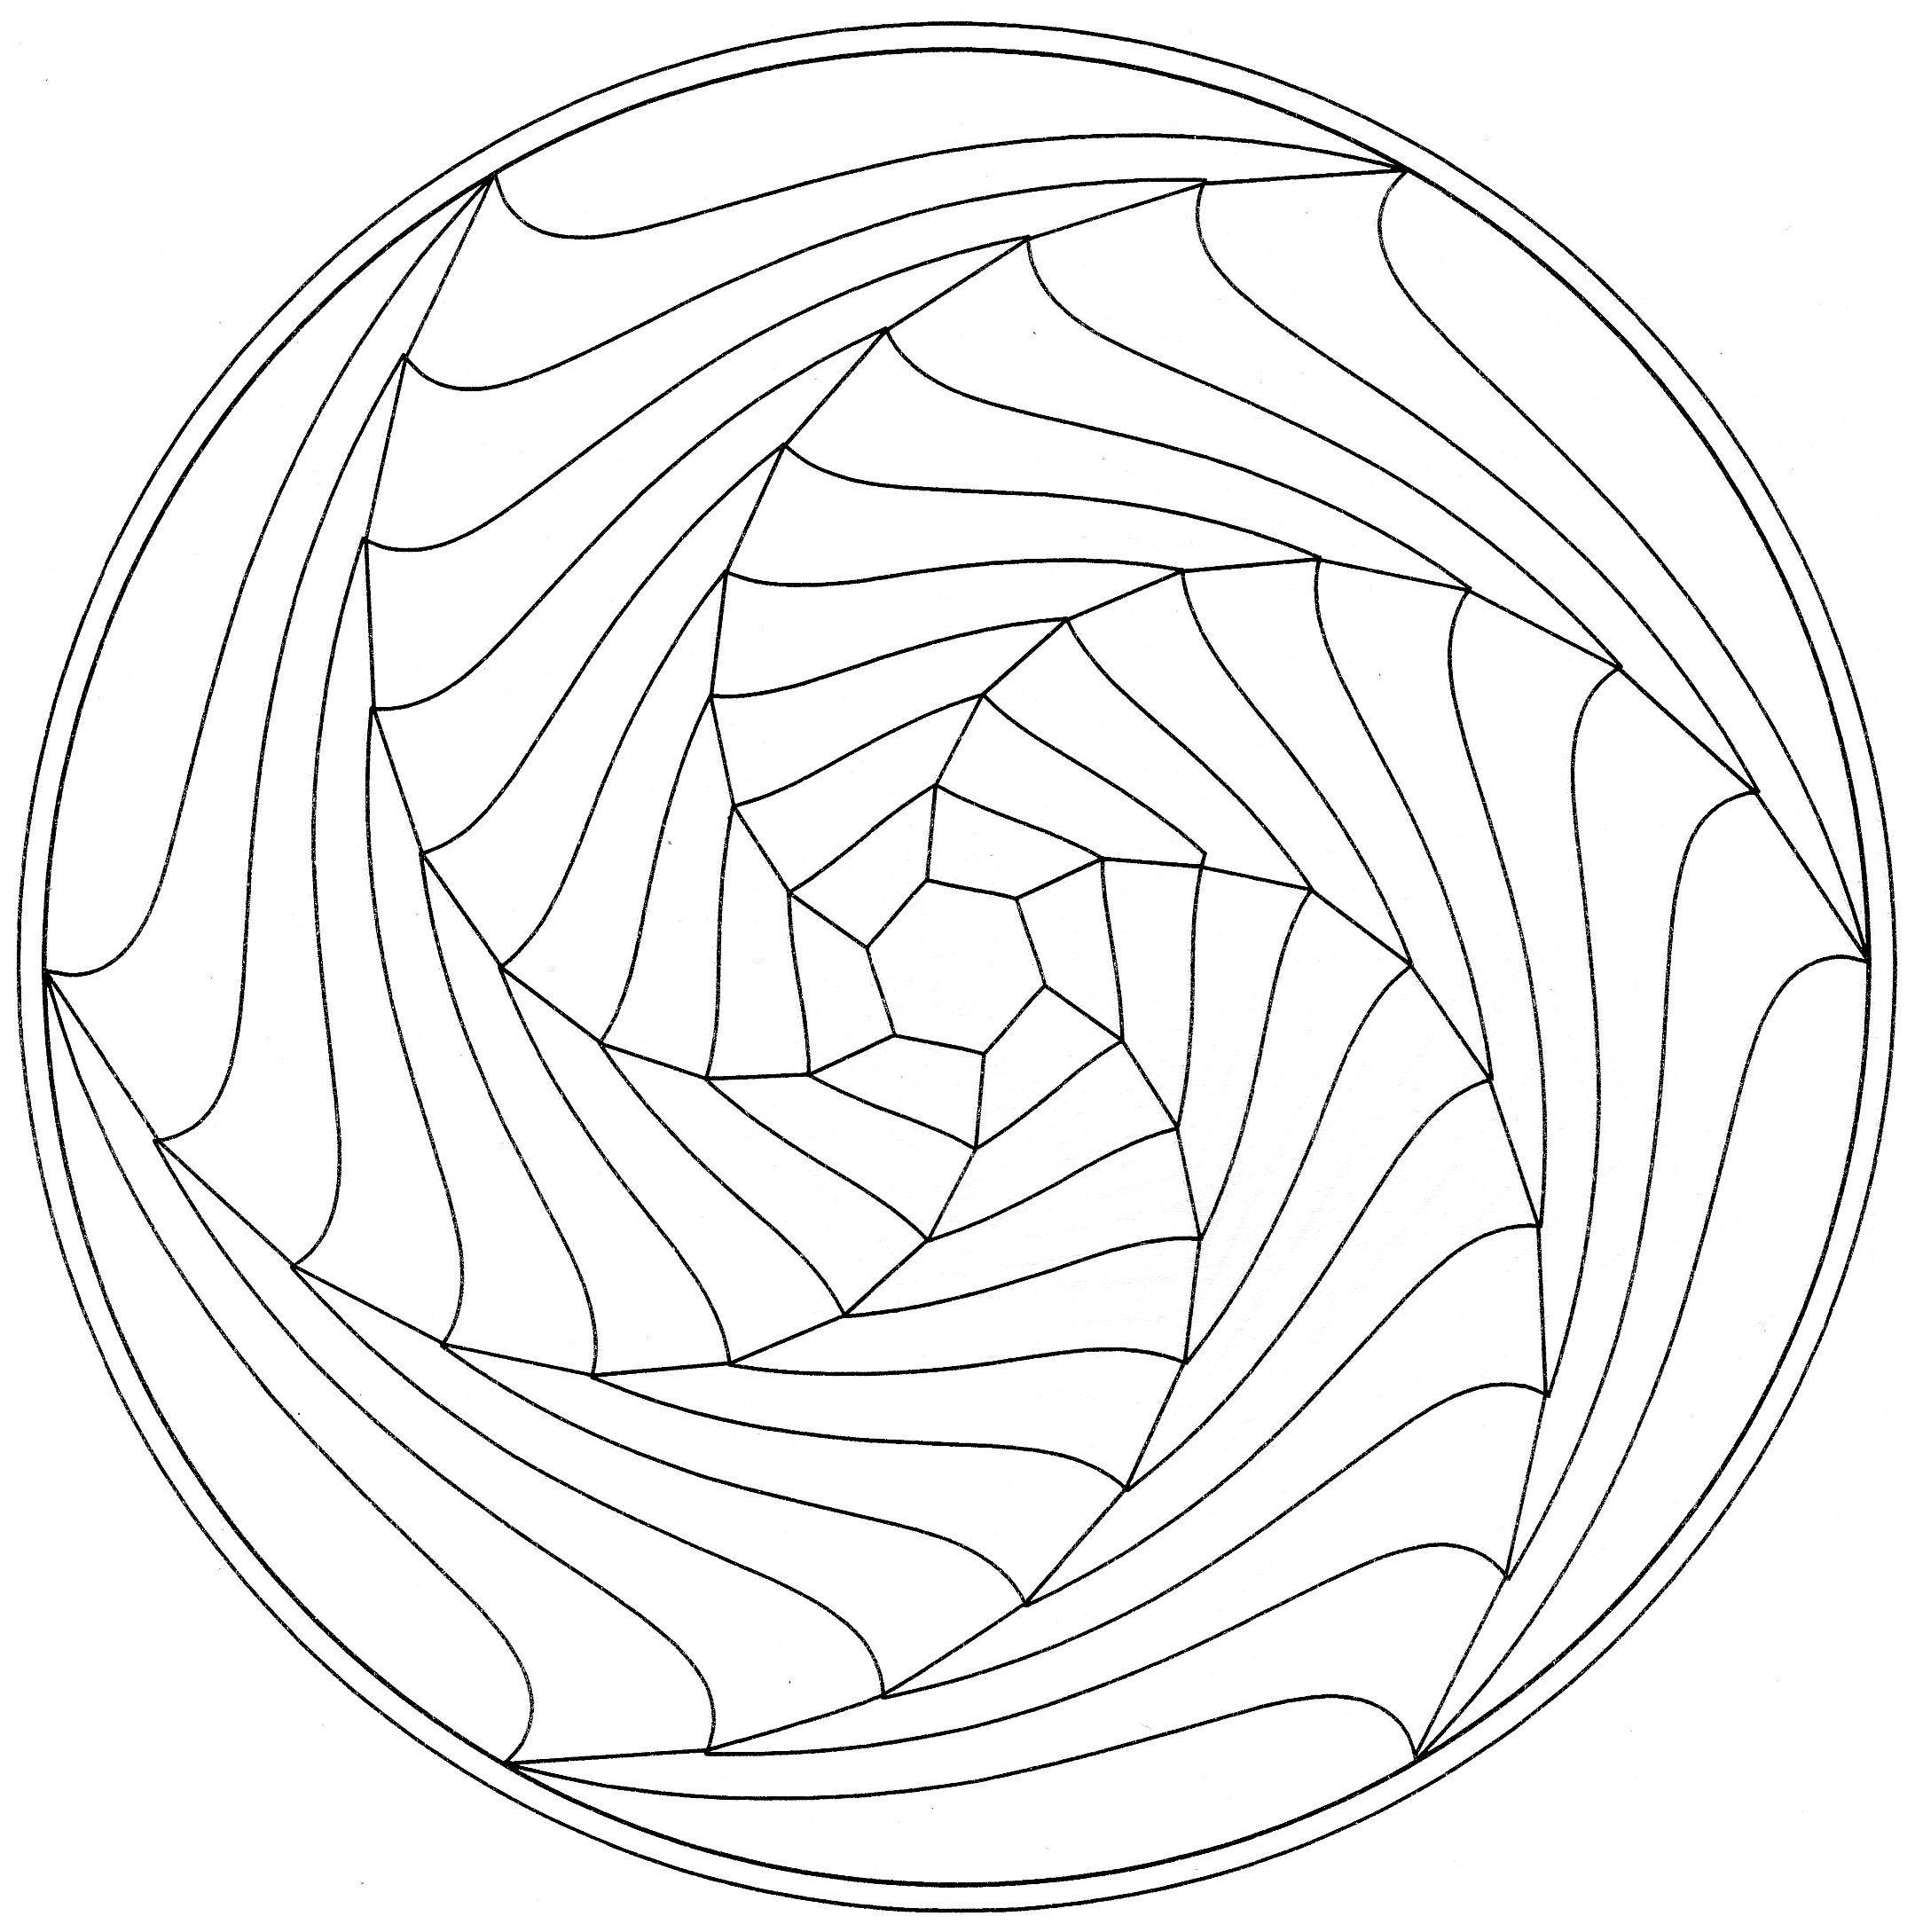 Spiral Mandala Coloring Pages Mandala Coloring Pages Mandala